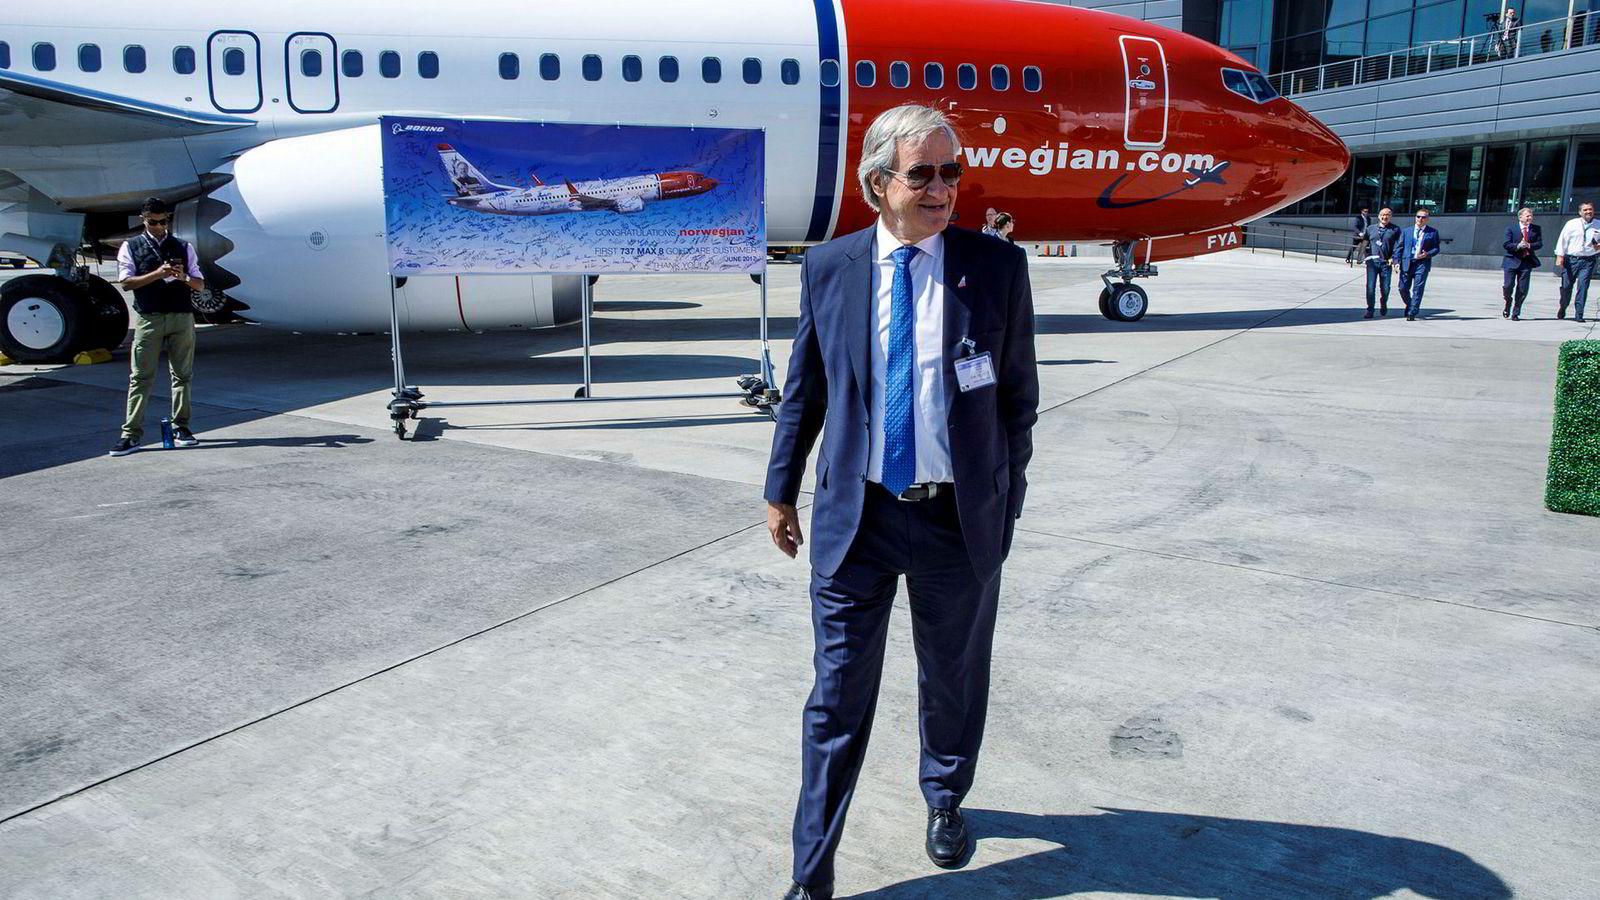 Konsernsjef Bjørn Kjos i Norwegian besøkte Boeings flyfabrikk i Seattle i USA 2017 for å hente hjem det første av over hundre fly av typen Boeing 737 max som selskapet har bestilt. Nå står alle selskapets Max-fly på bakken.